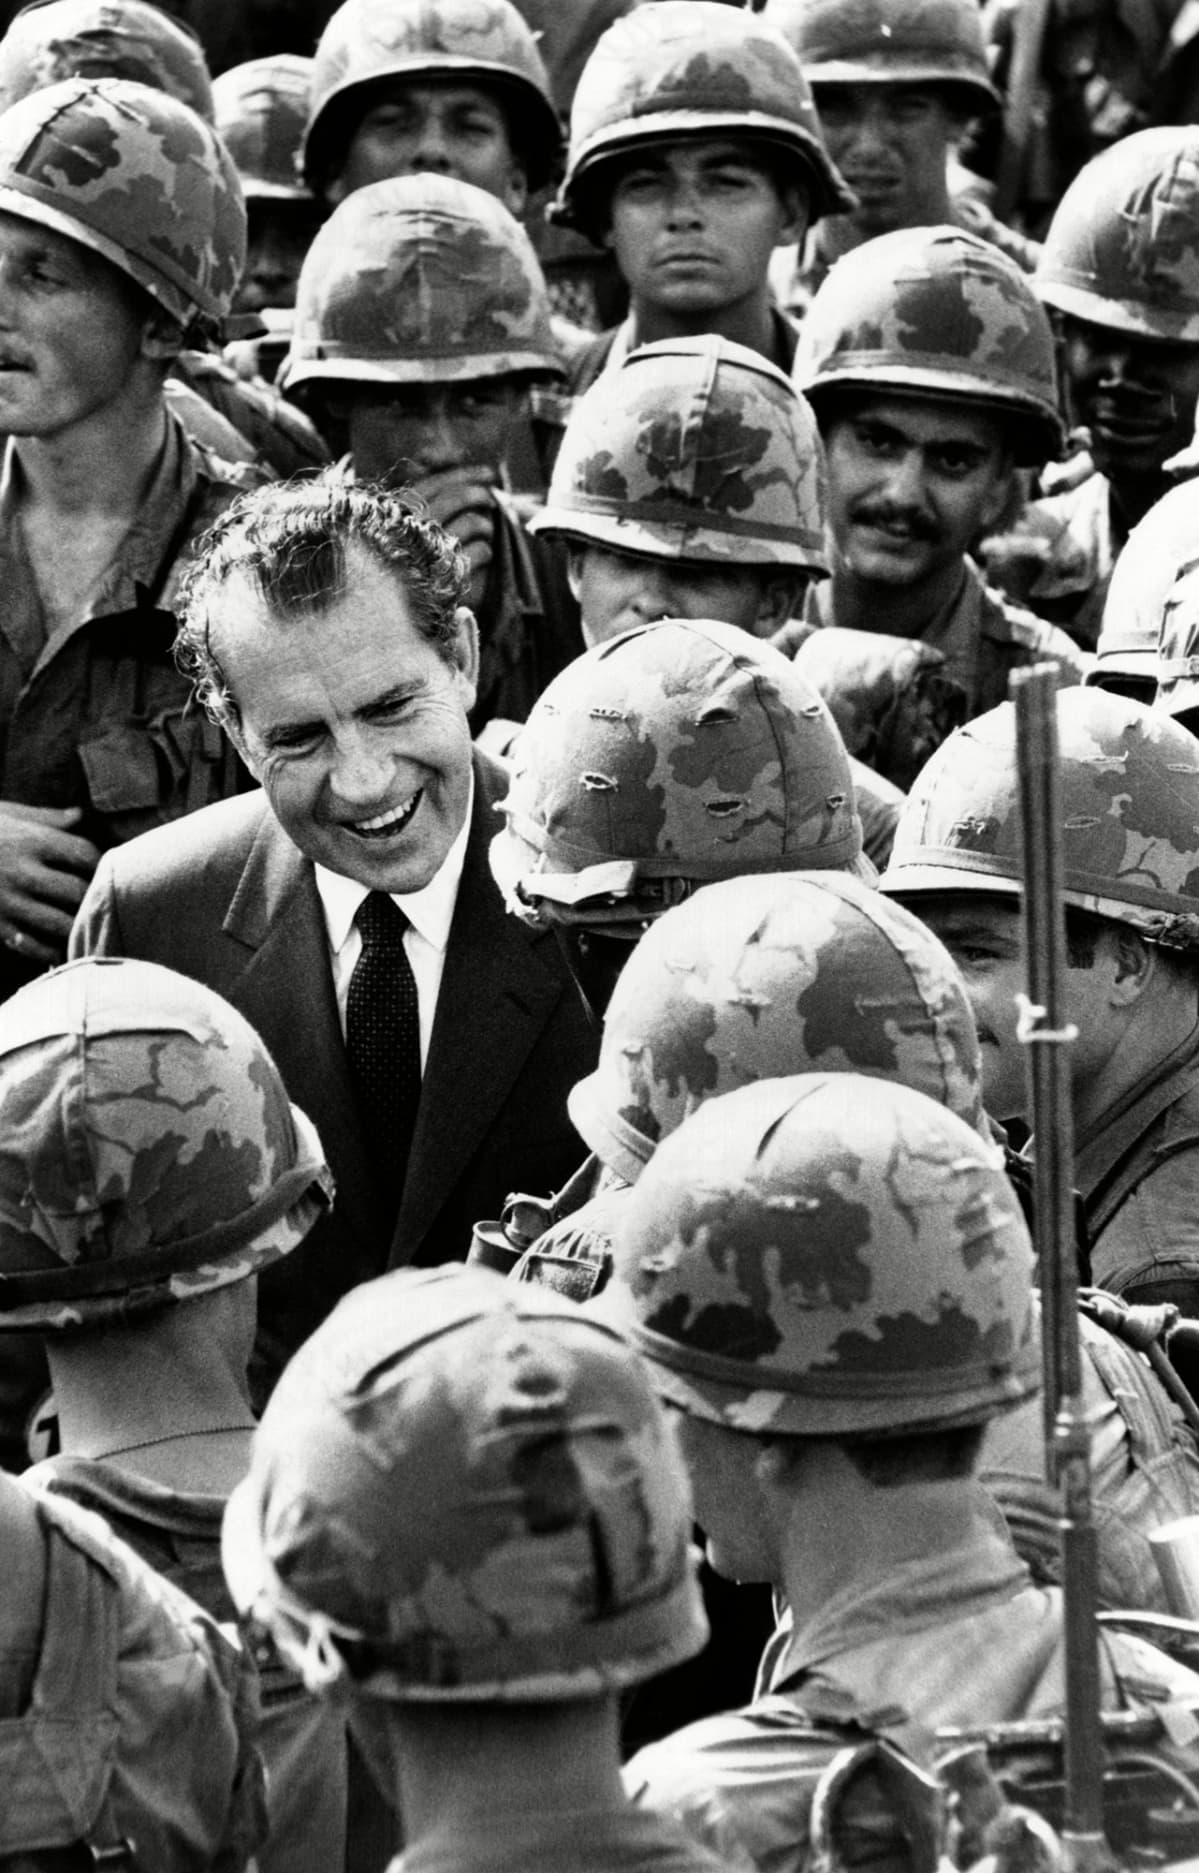 Yhdysvaltain presidentti Richard Nixon tervehtii amerikkalaisia sotilaita Vietnamissa.